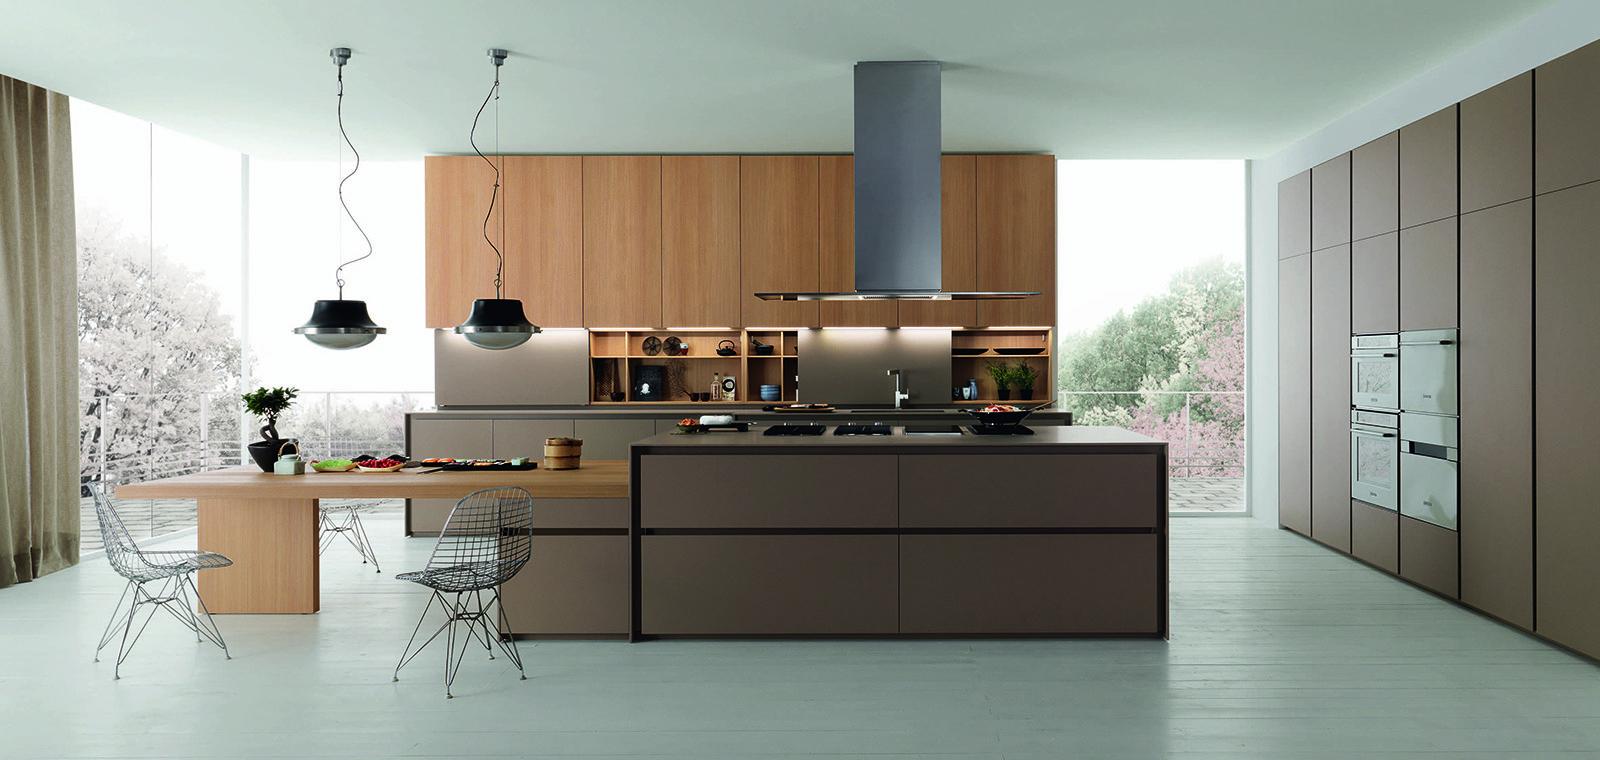 Cucine a tinte scure cose di casa for Cucine moderne scure